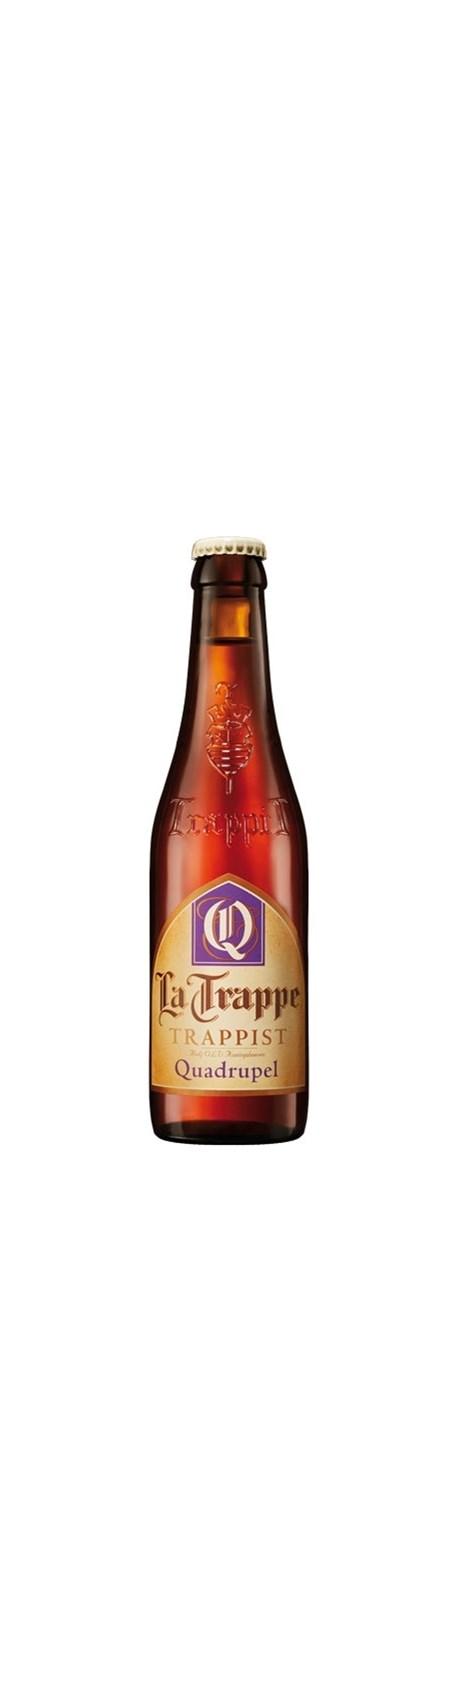 La Trappe Quadrupel 330ml